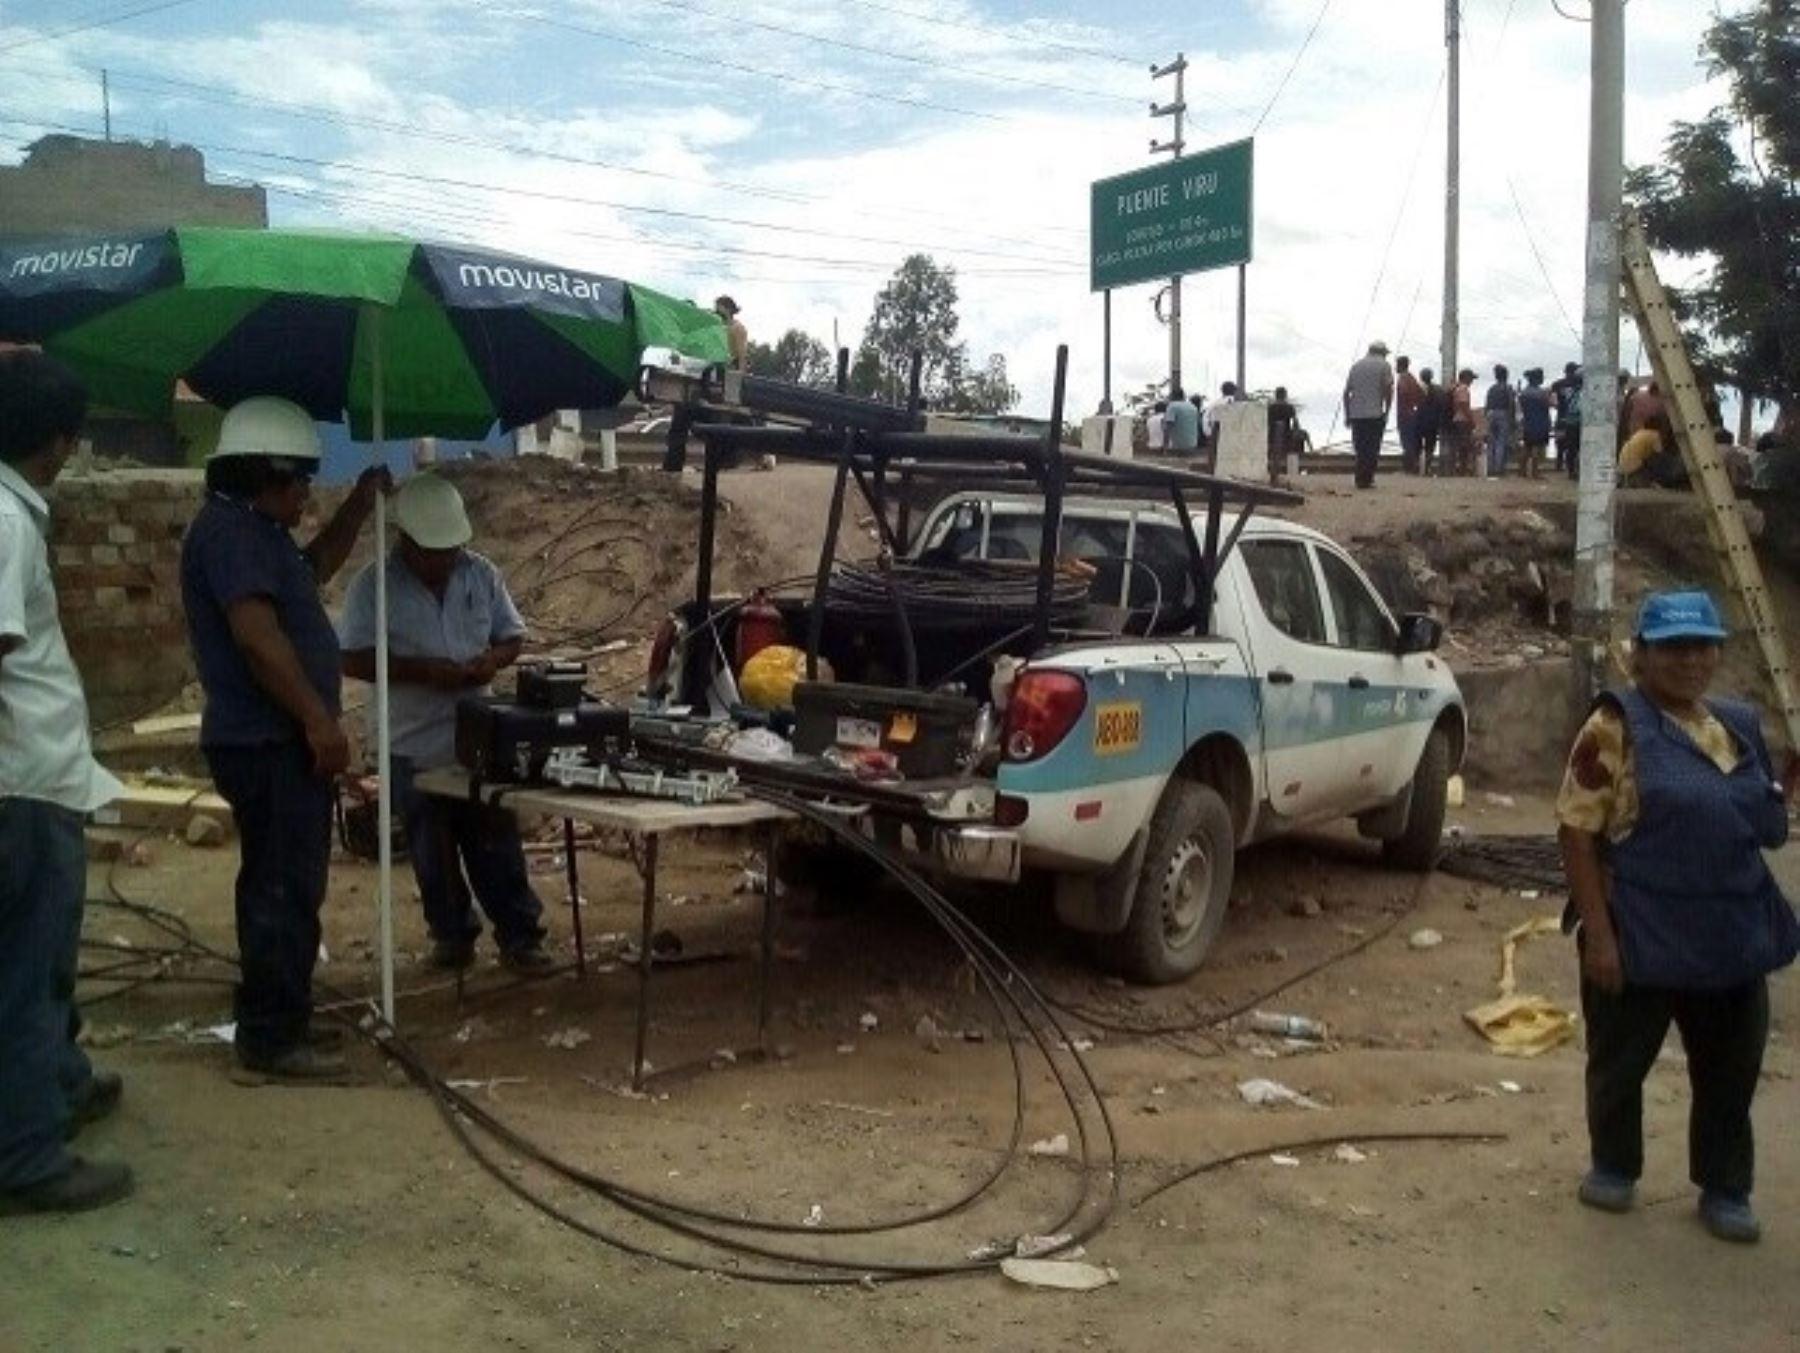 Se restablece los servicios de telefonía móvil en Trujillo y de Tv cable en Chimbote